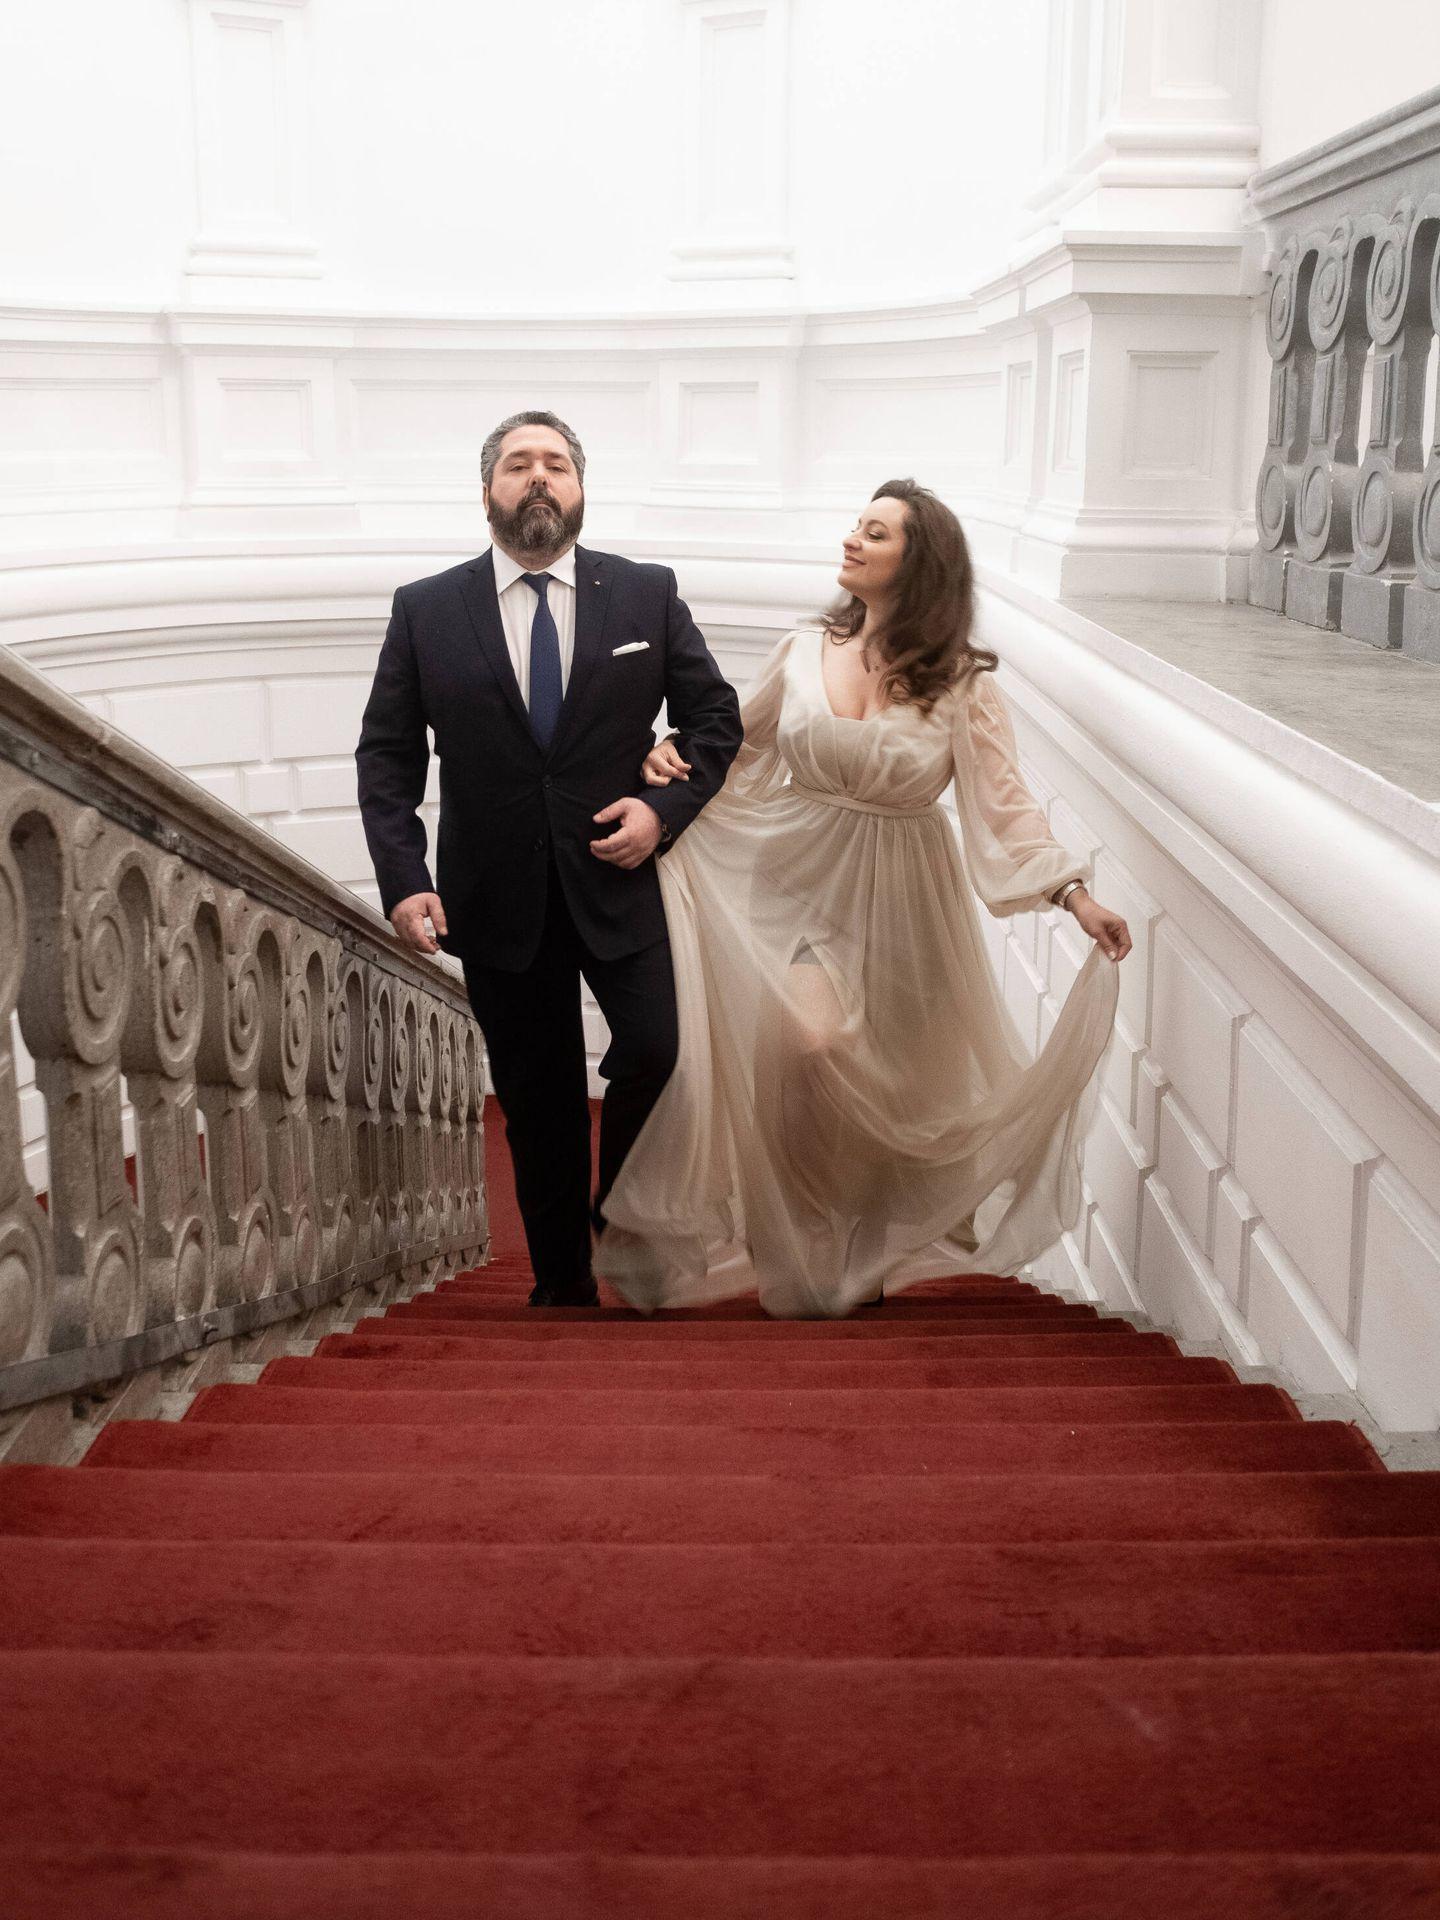 El 1 de octubre es la boda más esperada de las últimas décadas en Rusia. (Foto: Cancillería de la Casa Imperial de Rusia)